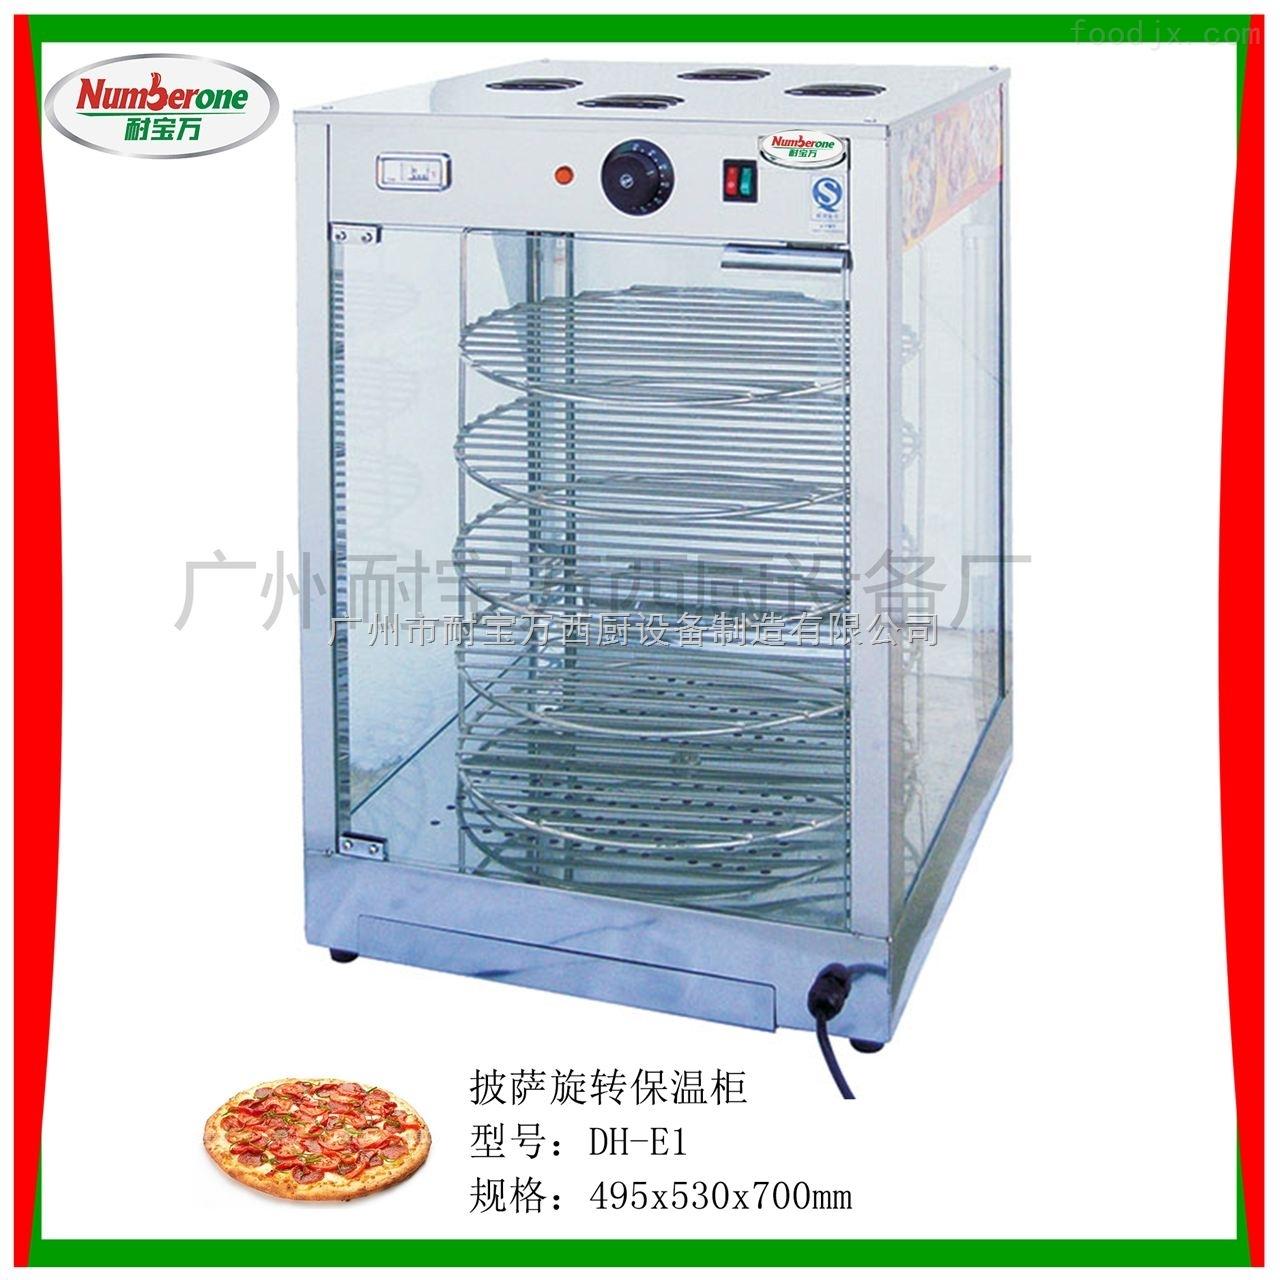 比萨旋转保温柜/食品保温柜/食物展示柜/比萨保温台